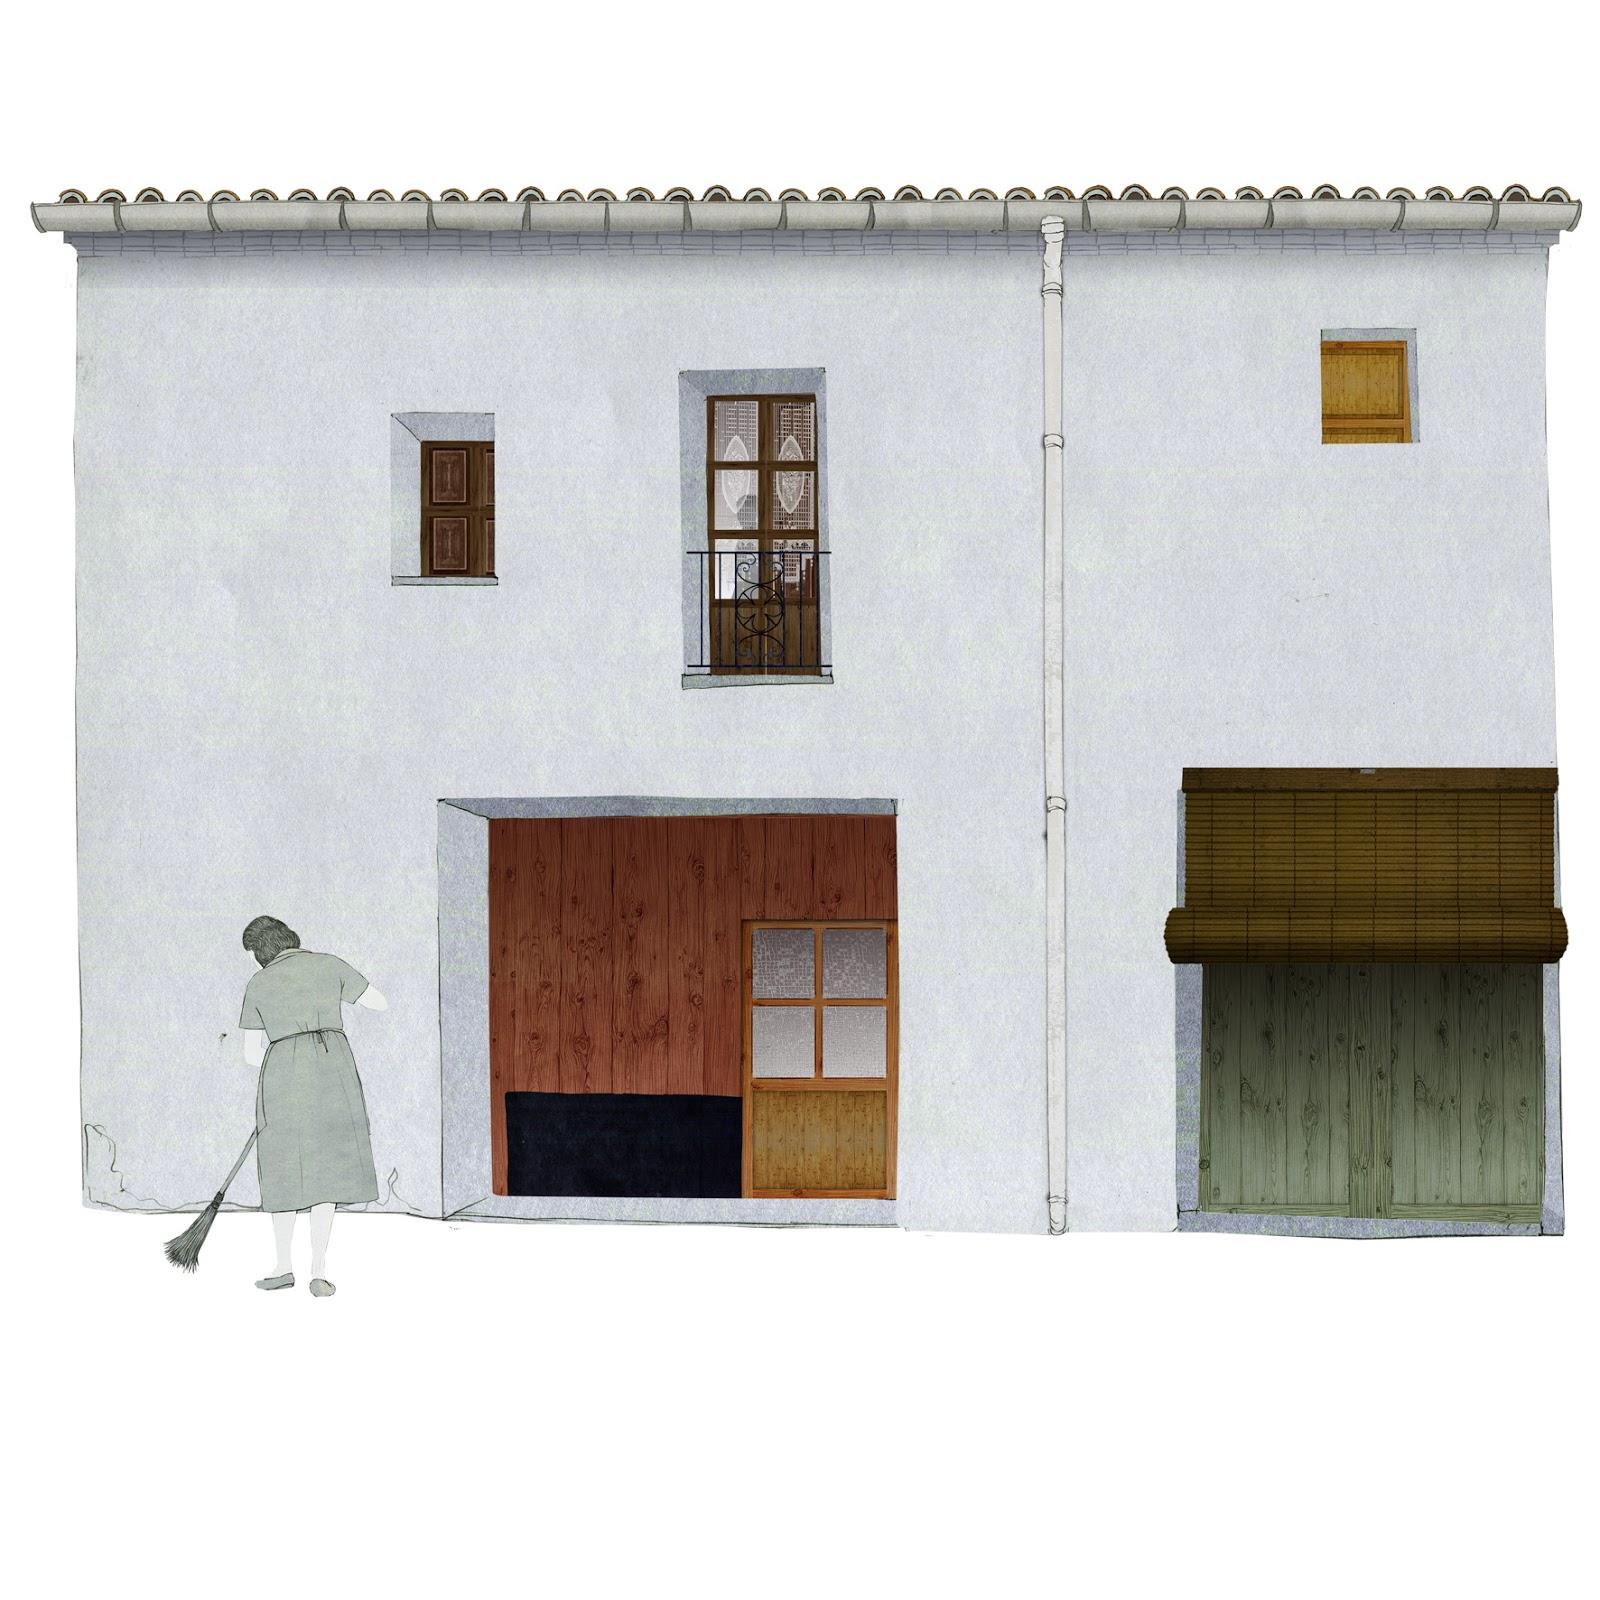 arquitectura, rural, casa, barriendo la calle,  dibujo